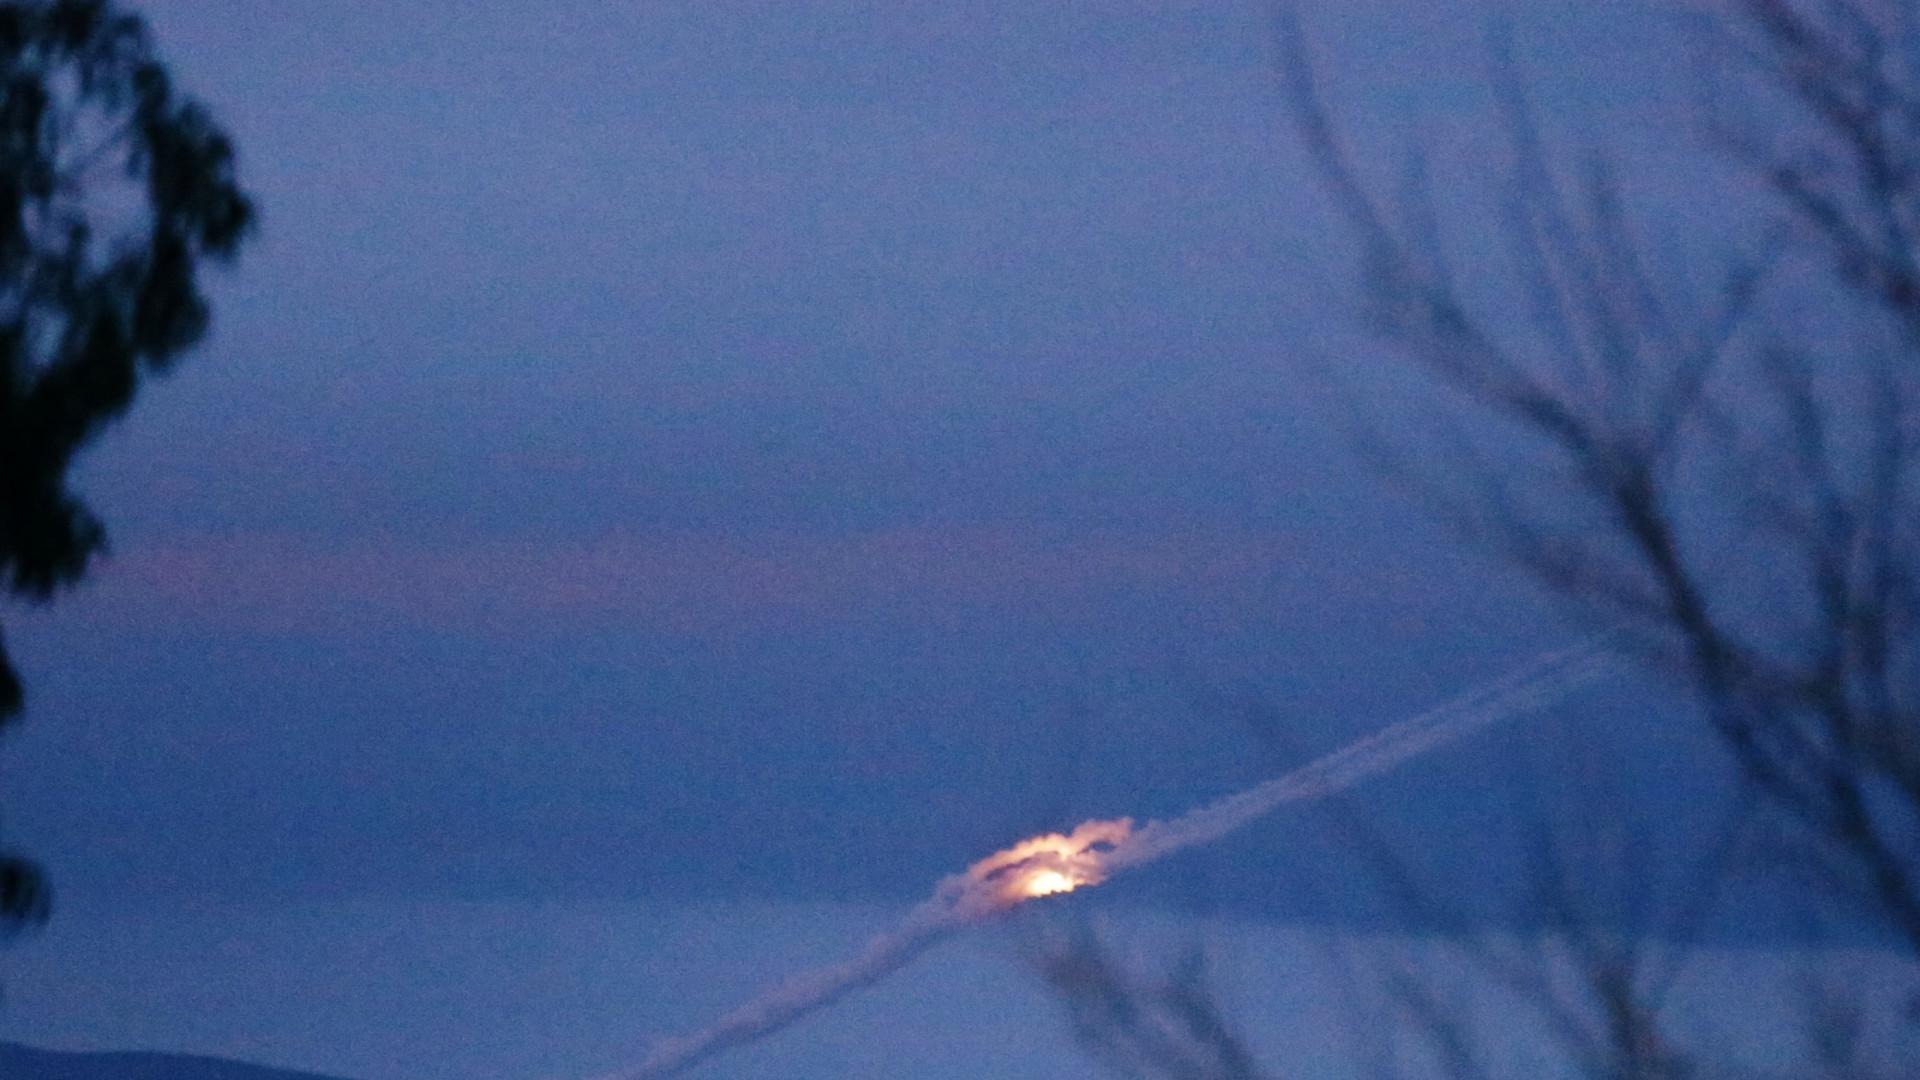 Síria: Exército anuncia interceção e destruição de dois mísseis israelitas